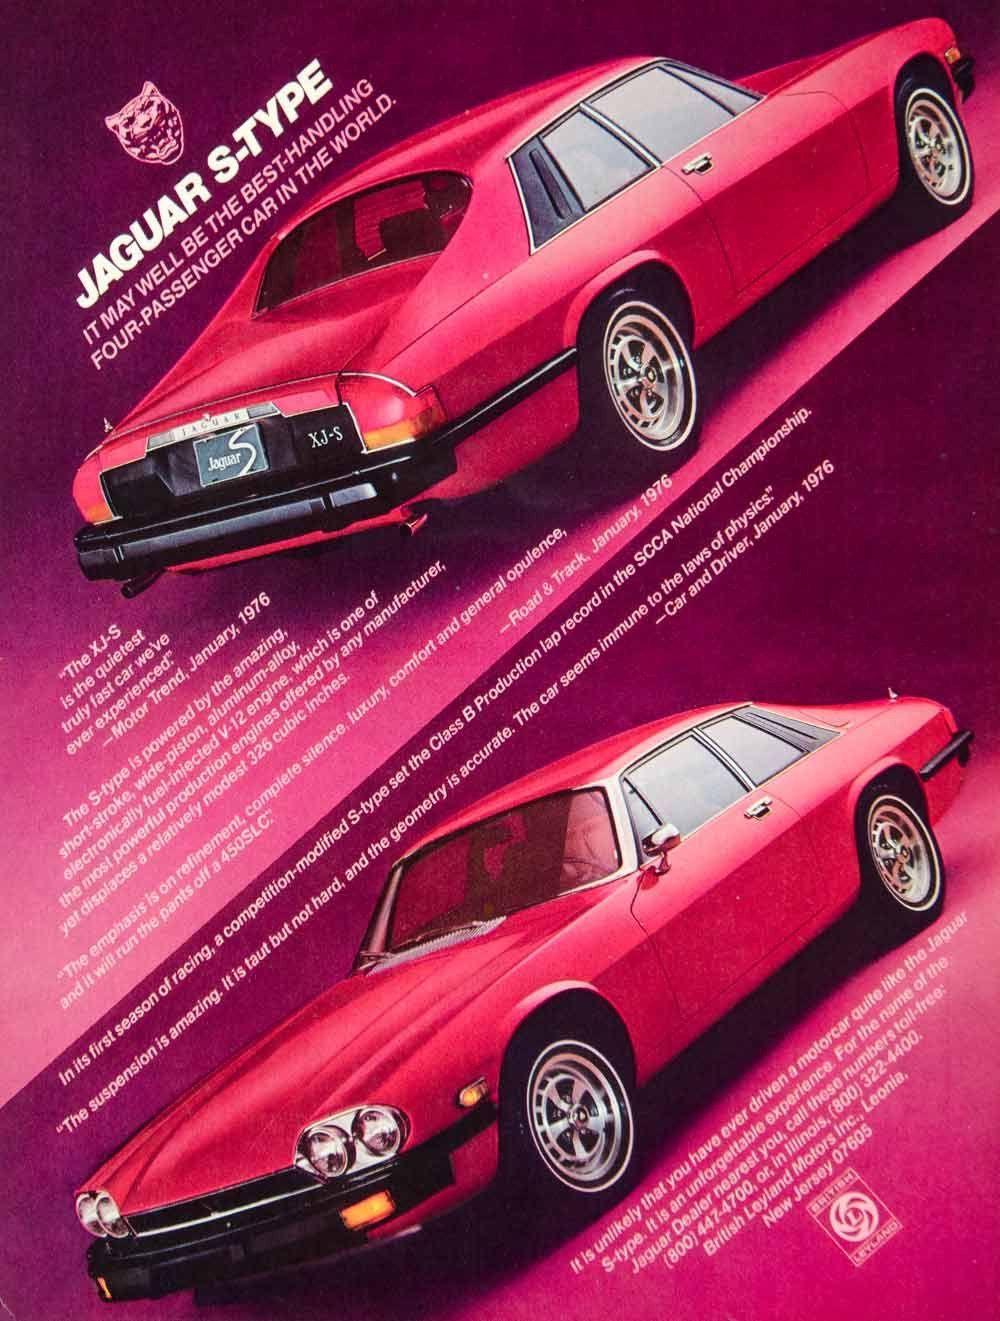 1977 Ad Jaguar Xj S Type 2 Door Coupe Grand Tourer Luxury 5 3l V12 Engine Ycd9 Jaguar Xj Jaguar Car Jaguar